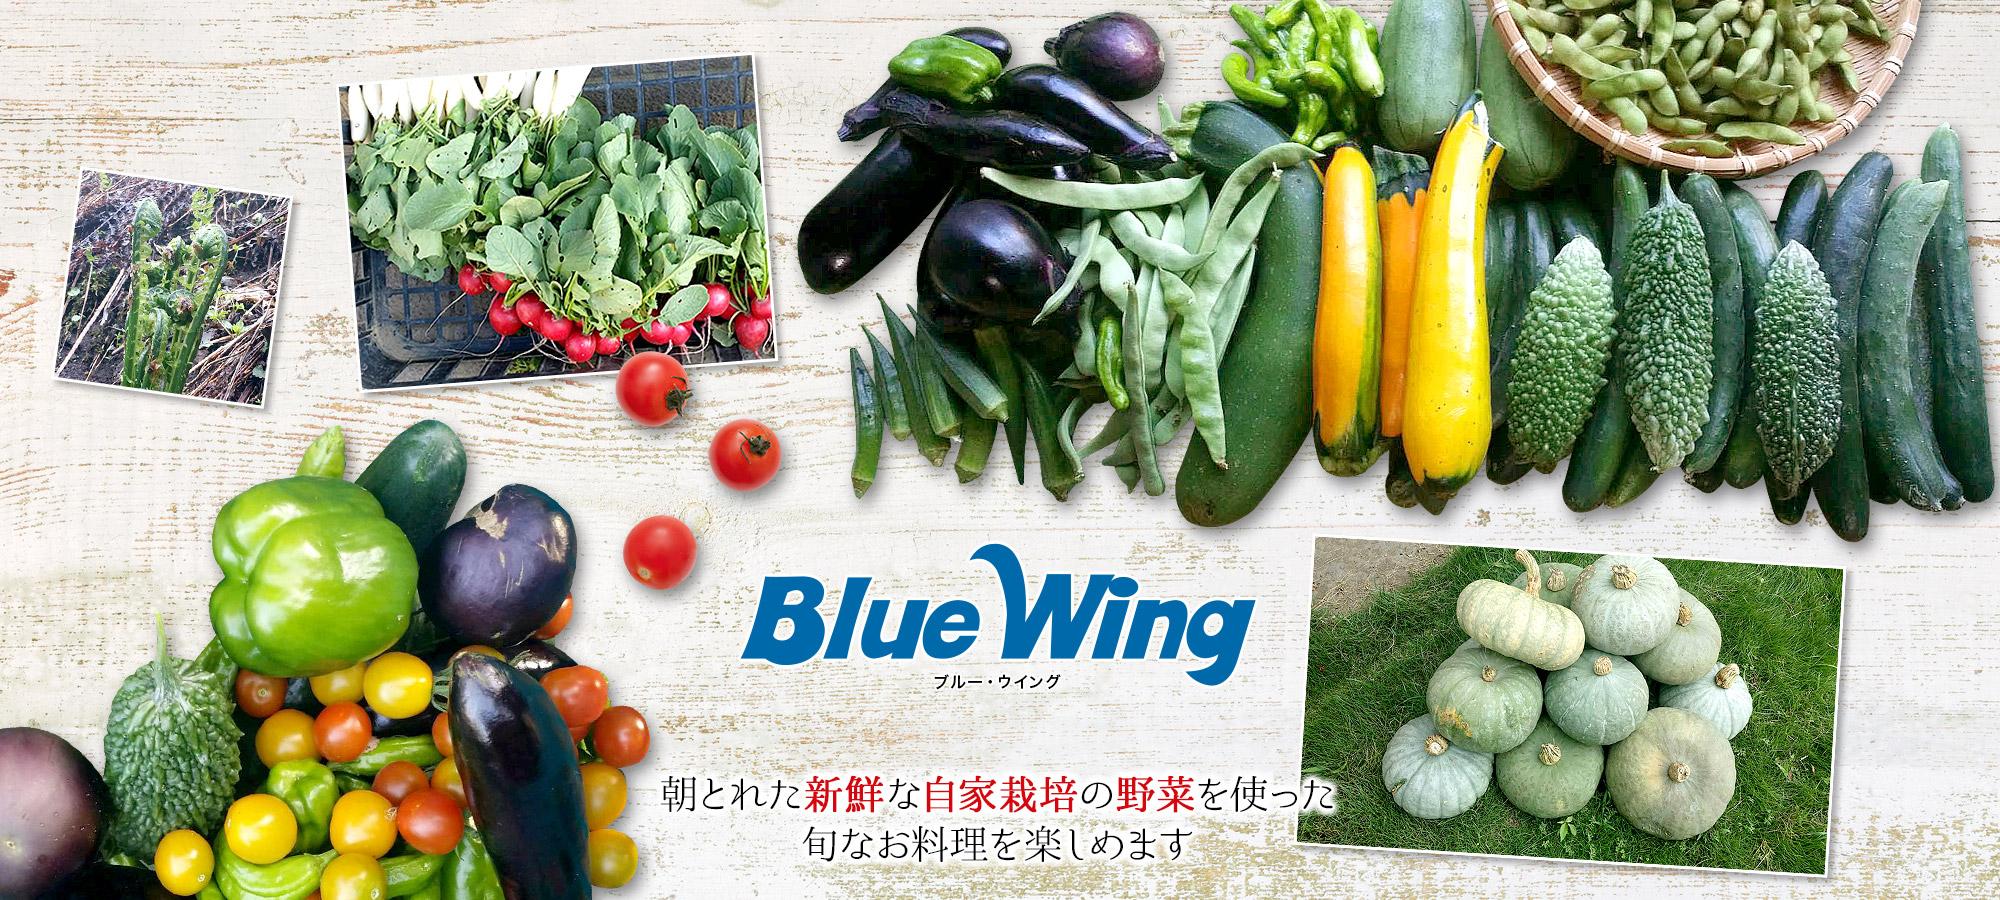 朝とれた新鮮な自家栽培の野菜を使った旬なお料理を楽しめます